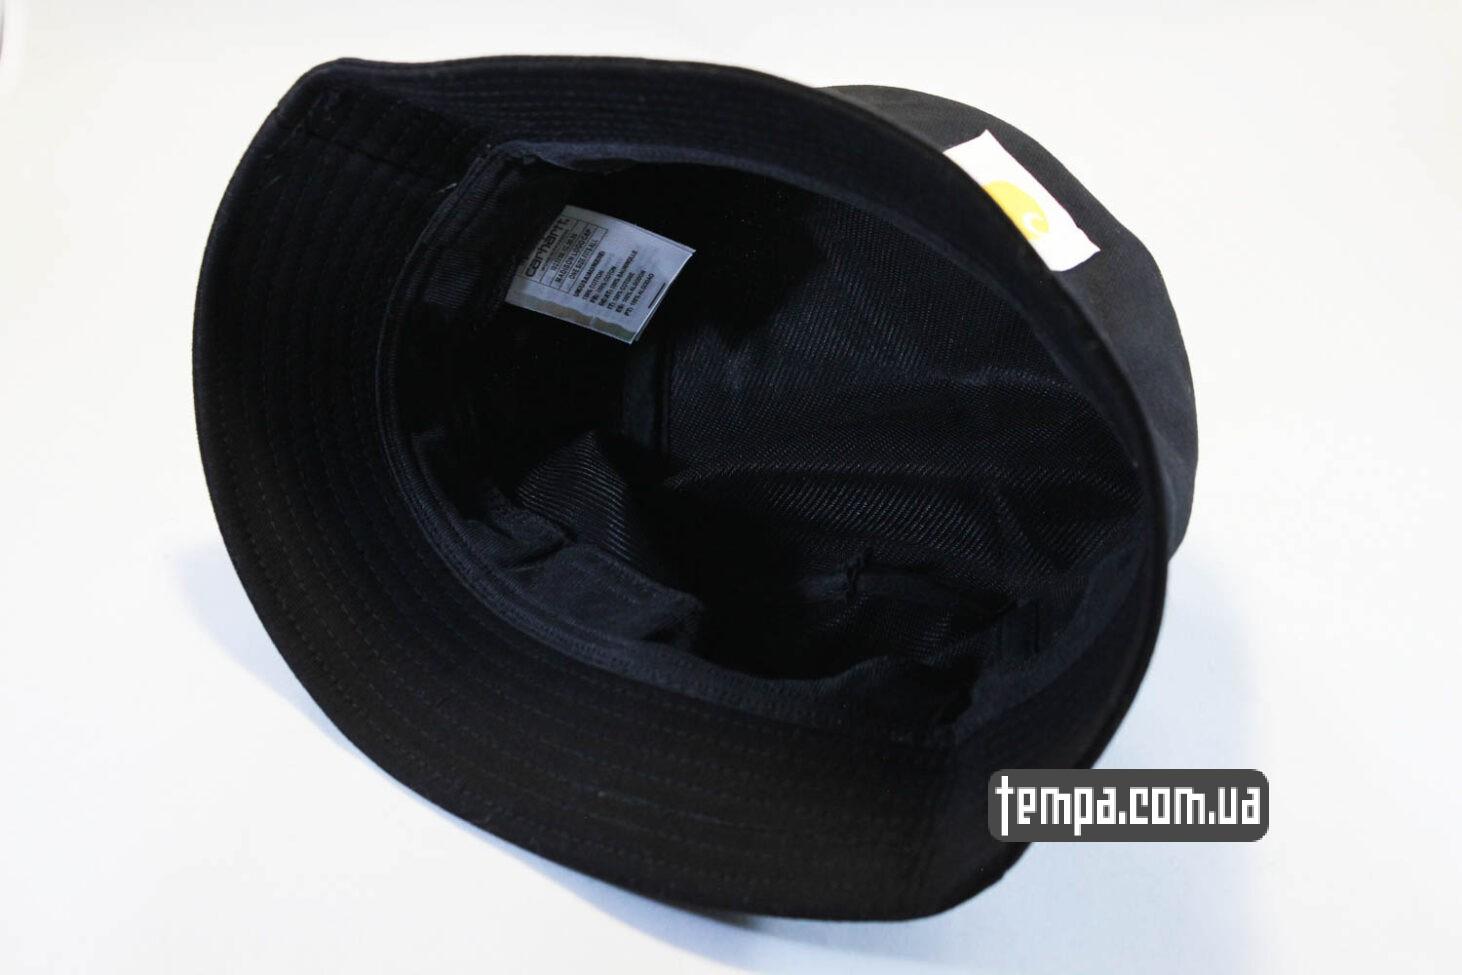 головной убор панама carhartt черная унисекс купить Украина